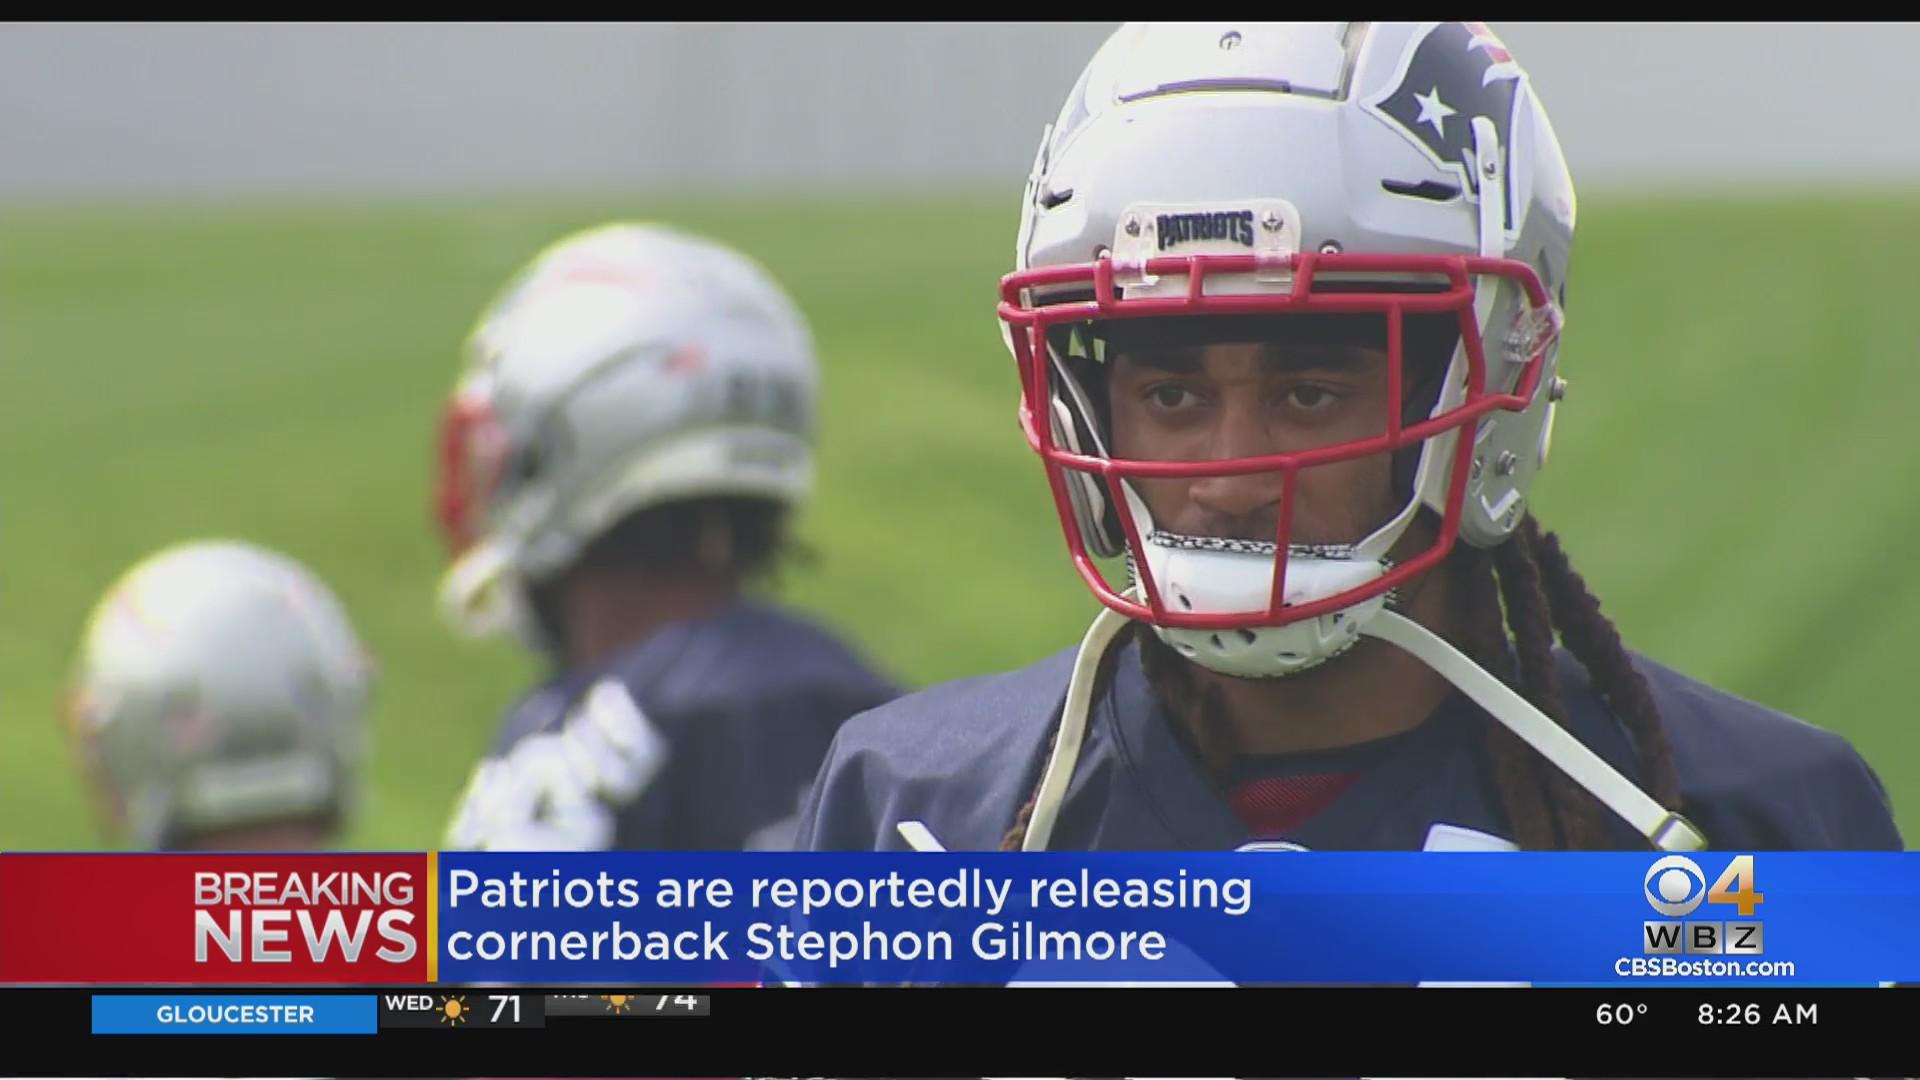 Patriots Reportedly Release Cornerback Stephon Gilmore - CBS Boston